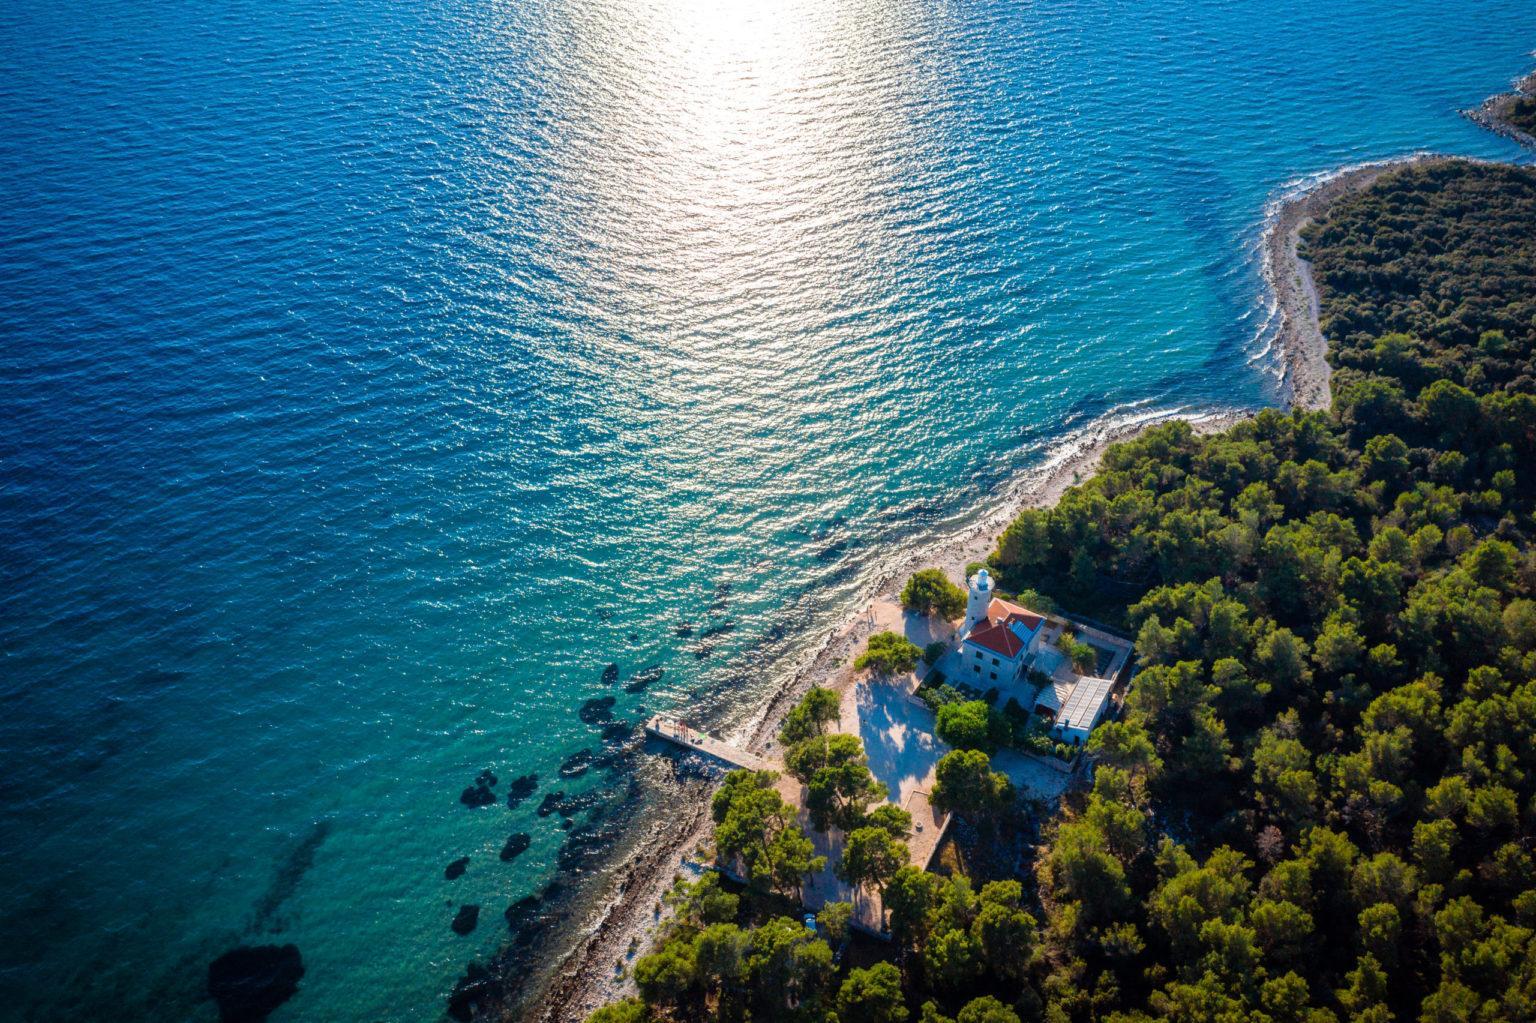 hochzeitslocation Kroatien location hochzeit heiraten 10 6 scaled - Alter Leuchtturm